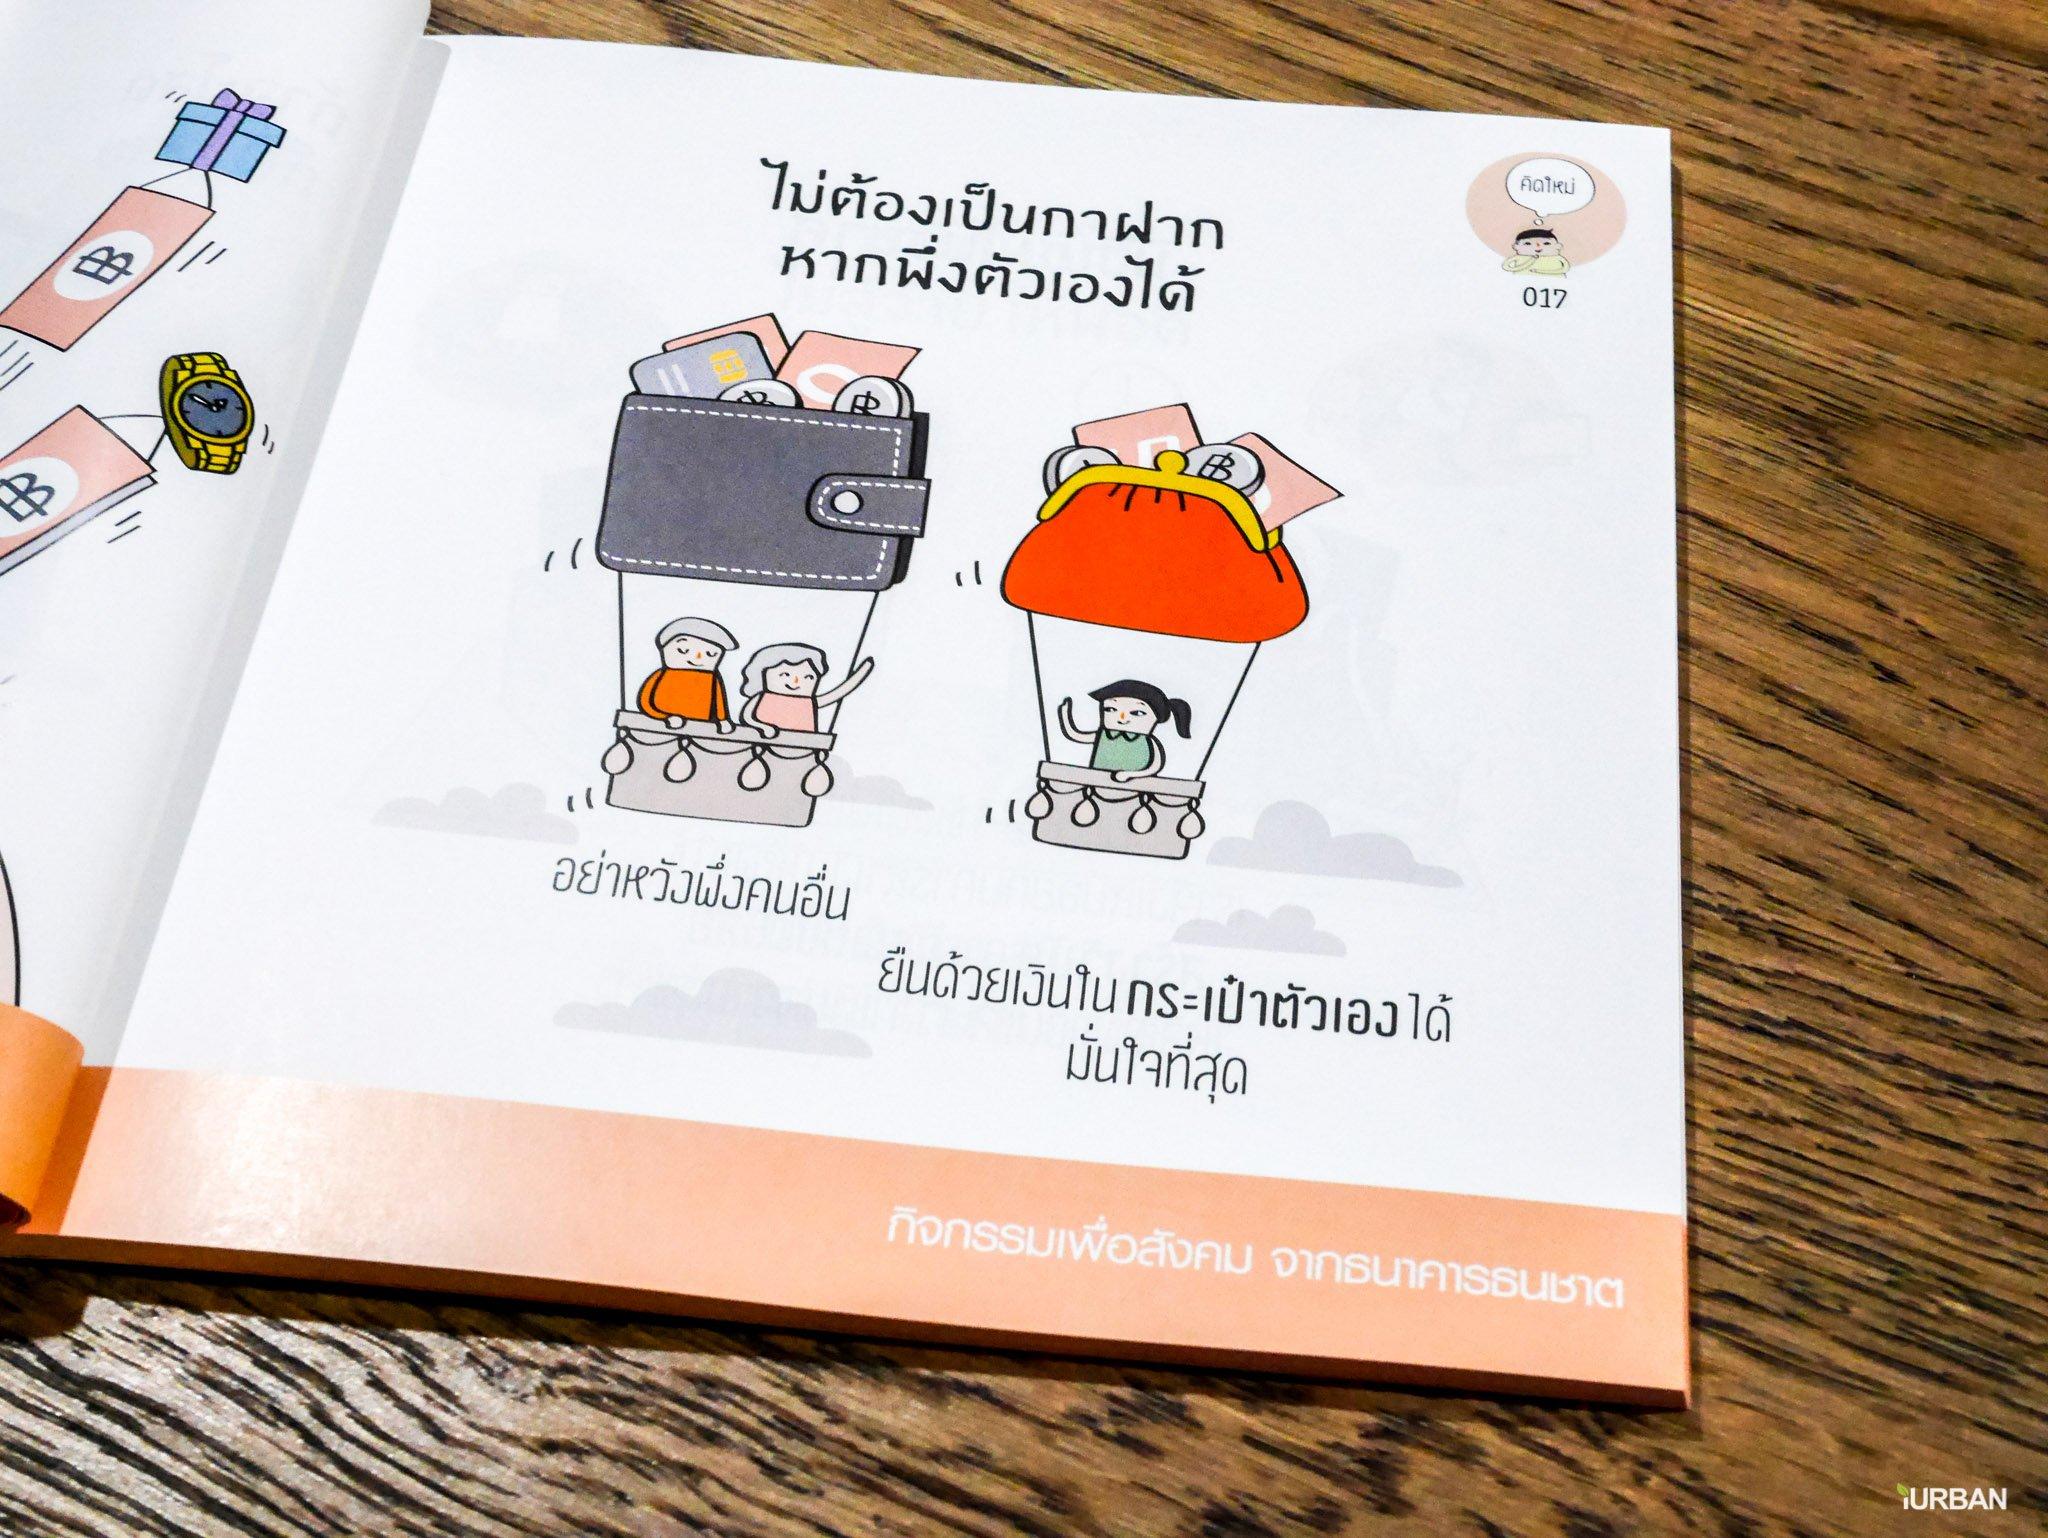 ธนชาต ReThink แนะคนฉุกคิดก่อนใช้เงิน และแจก E-Book ฟรี 37 - finance